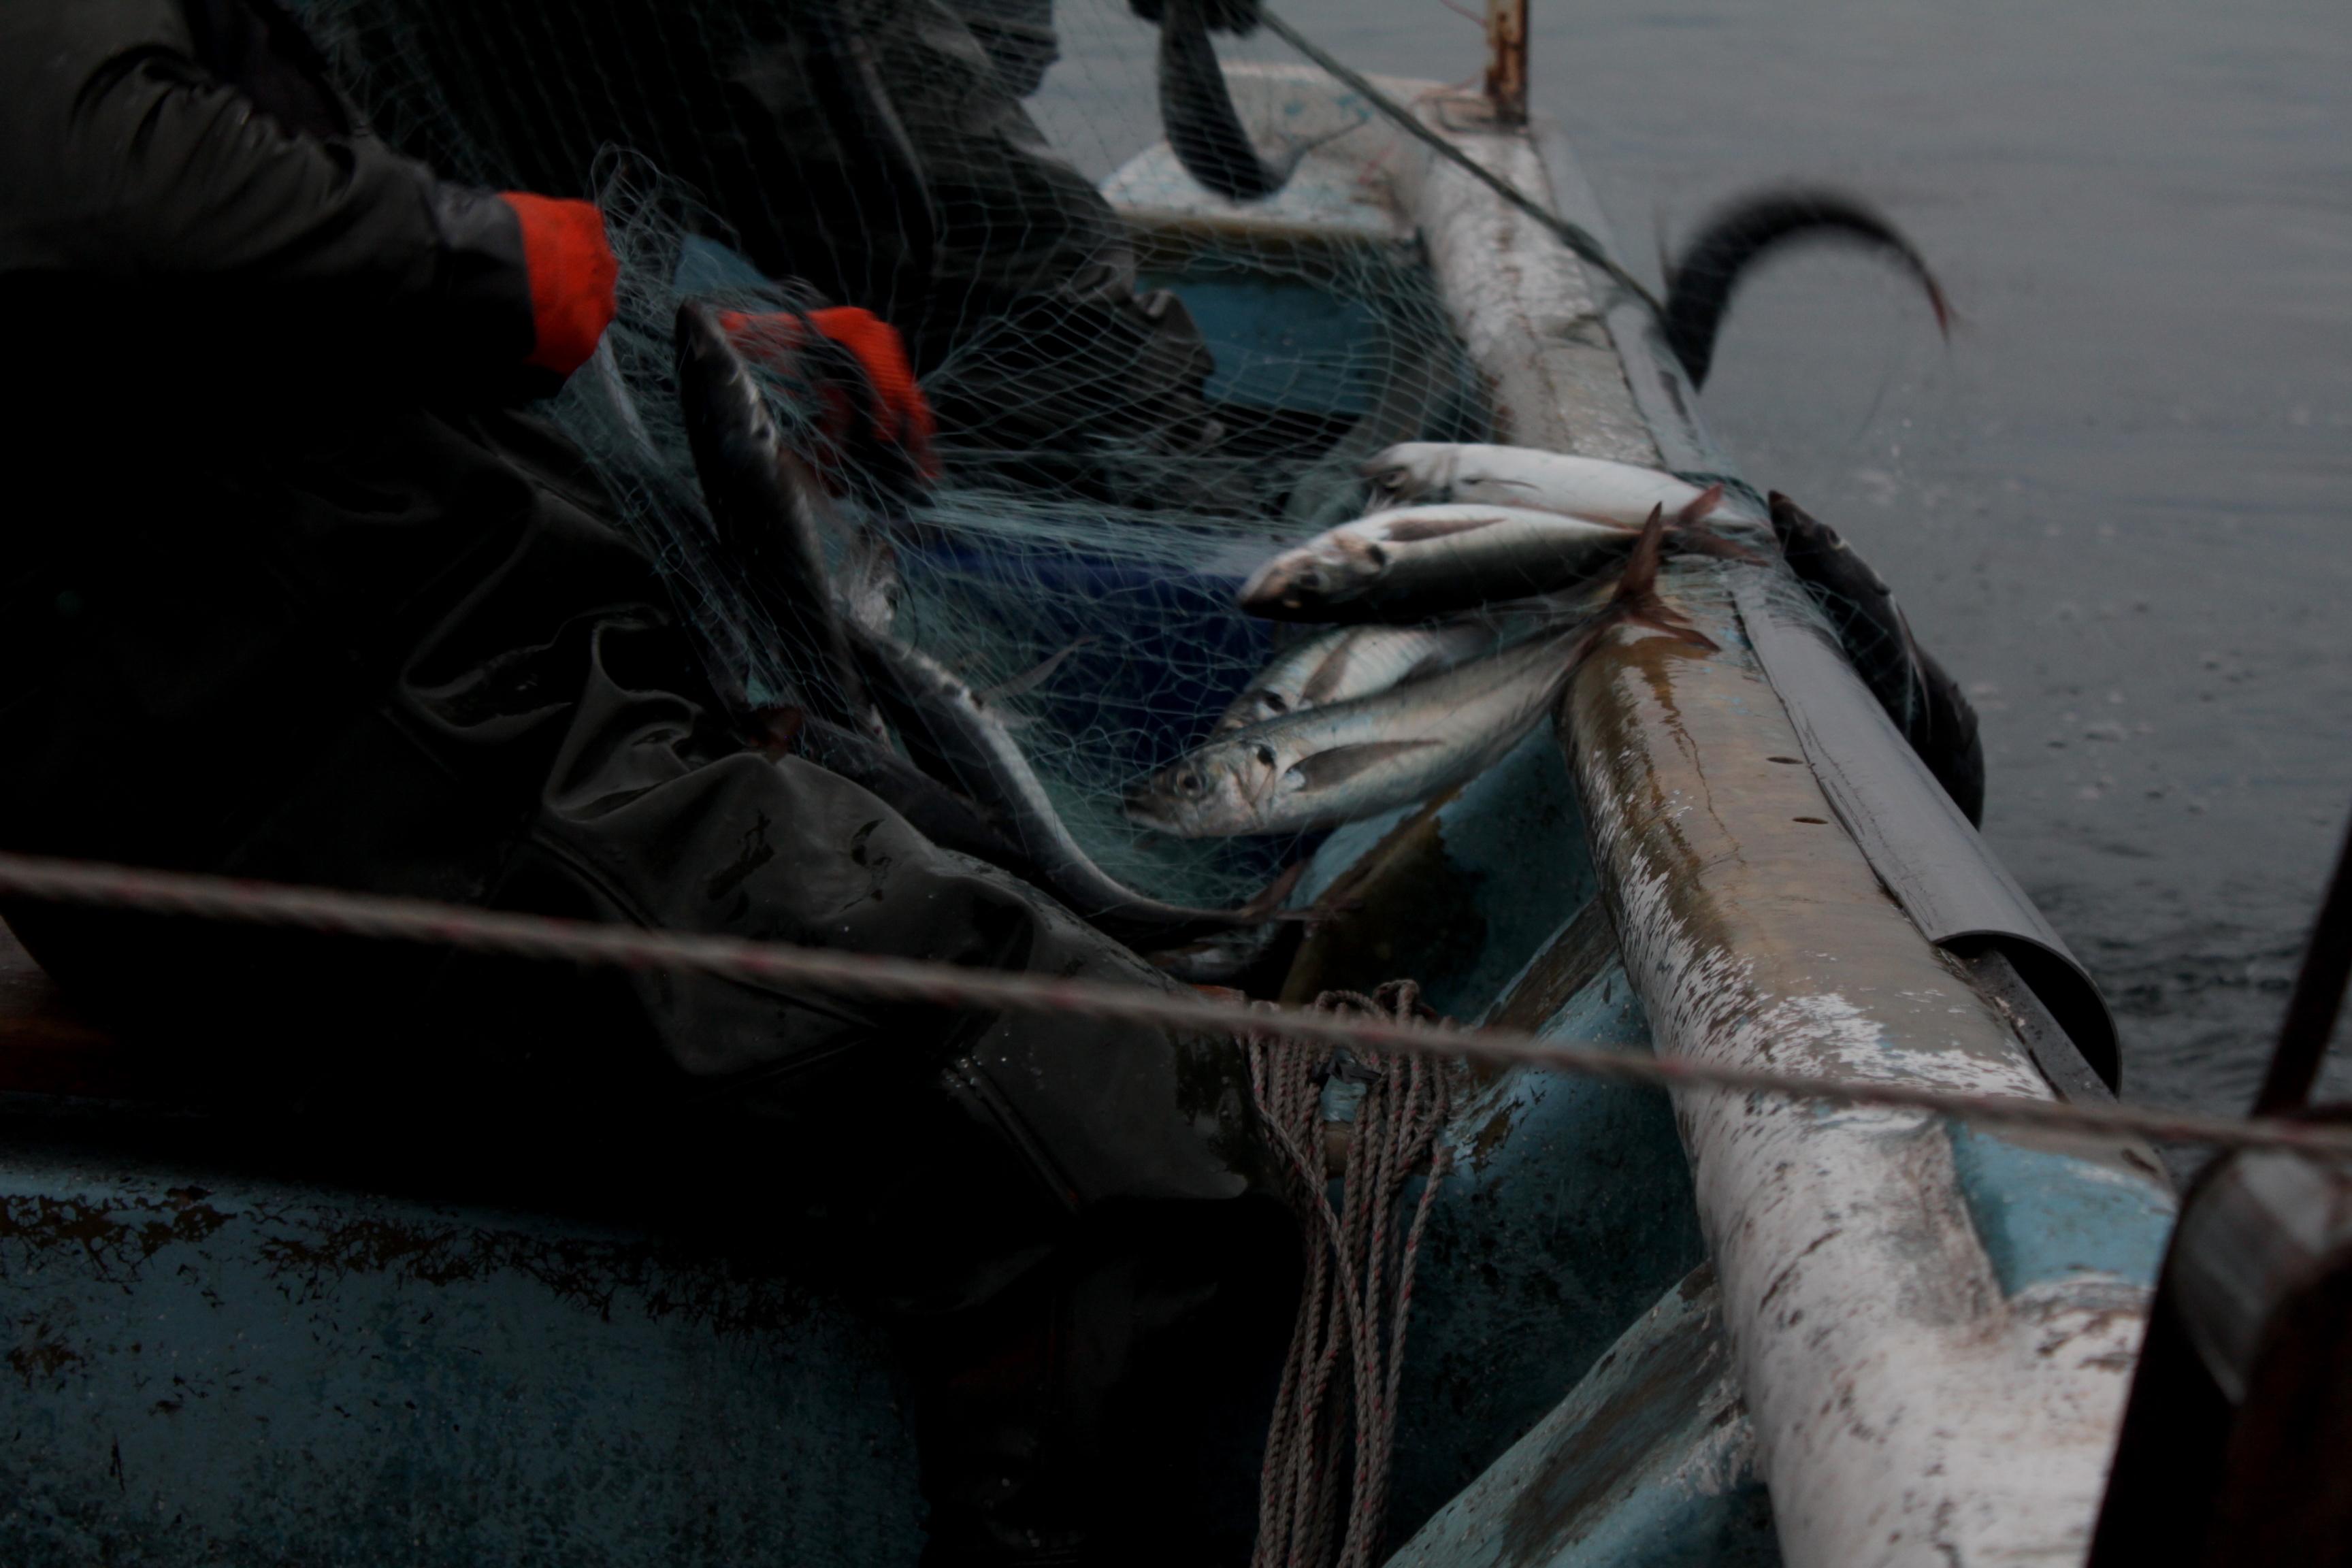 Pescadores artesanales pescando merluza. Foto: Michelle Carrere